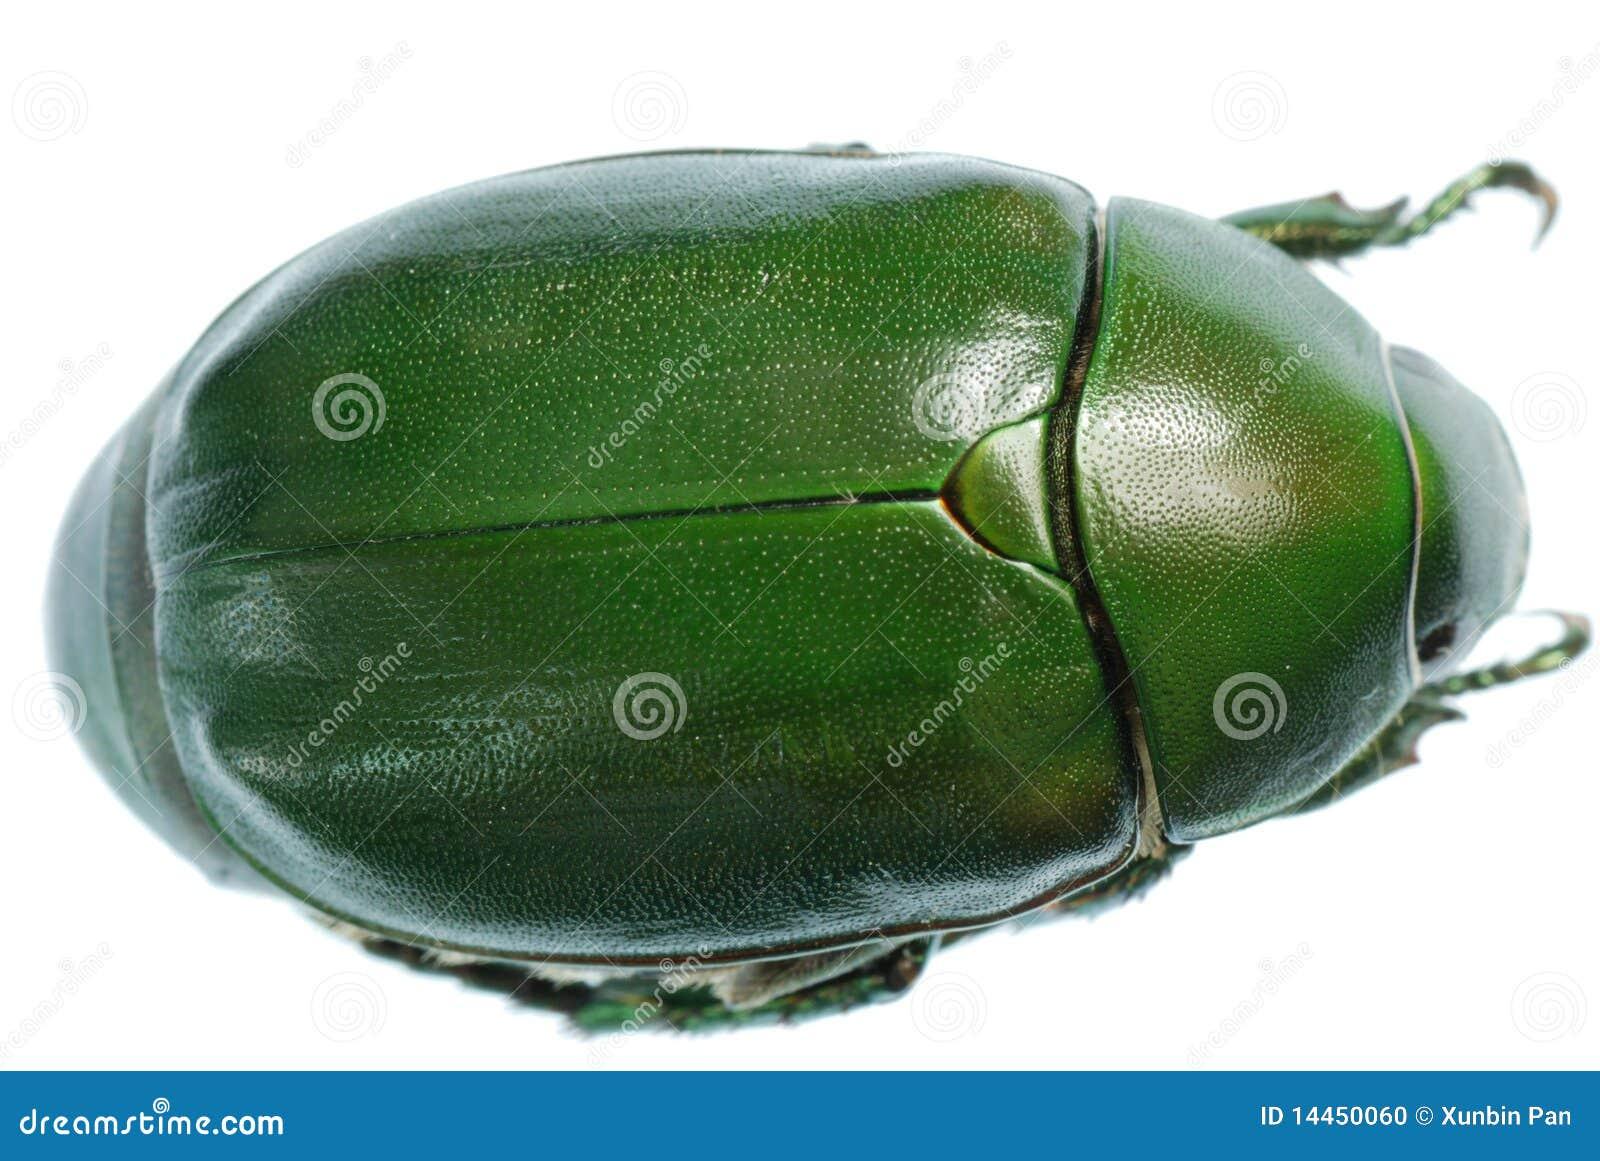 Groen keverinsect dat op wit wordt geïsoleerde